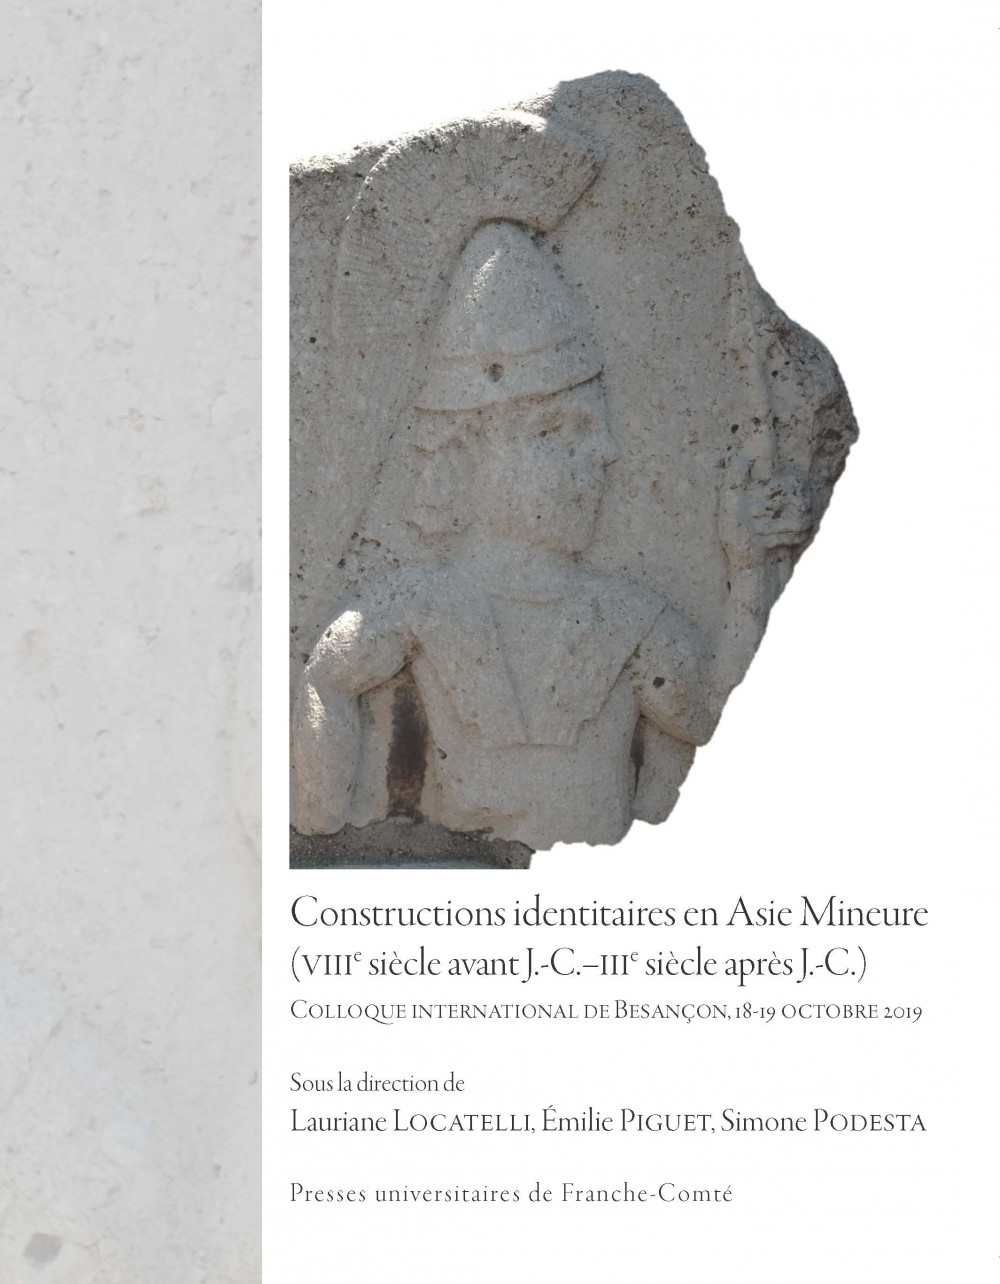 couverture de l'ouvrage Constructions identitaires en Asie Mineure